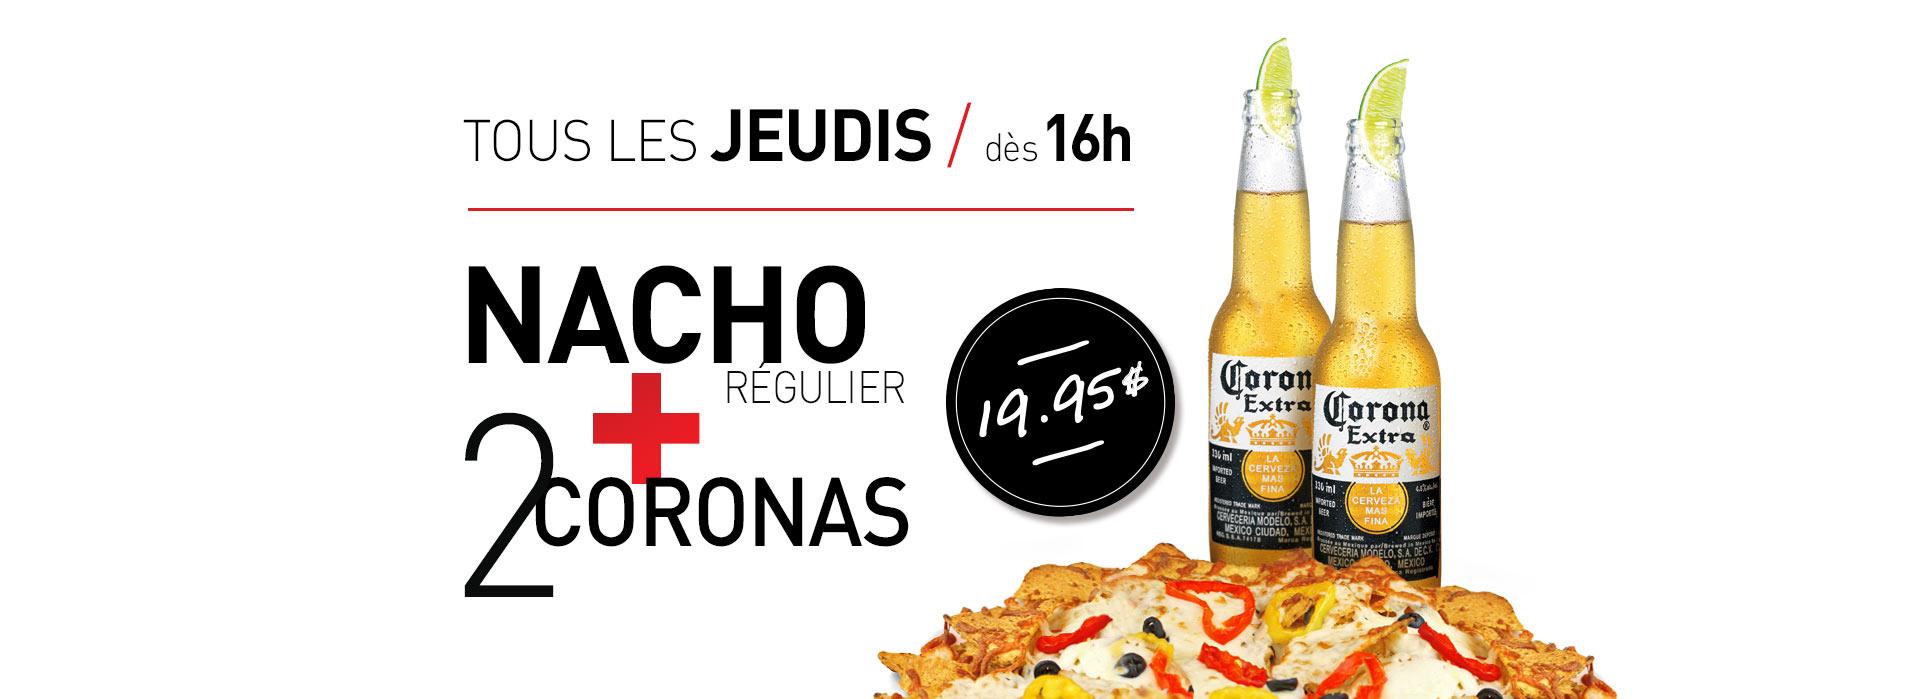 Caffuccino - Promotion - Jeudis nacho + 2 coronas